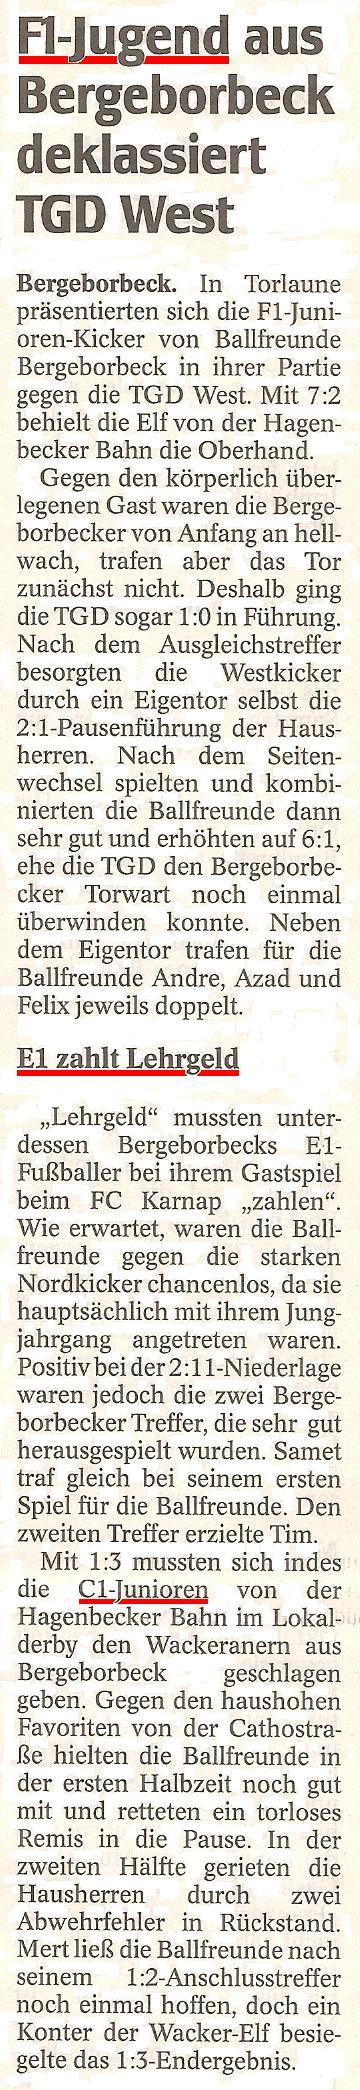 WAZ vom 27.10.2010 berichtet über die F- und E-Jugend von Ballfreunde Bergeborbeck